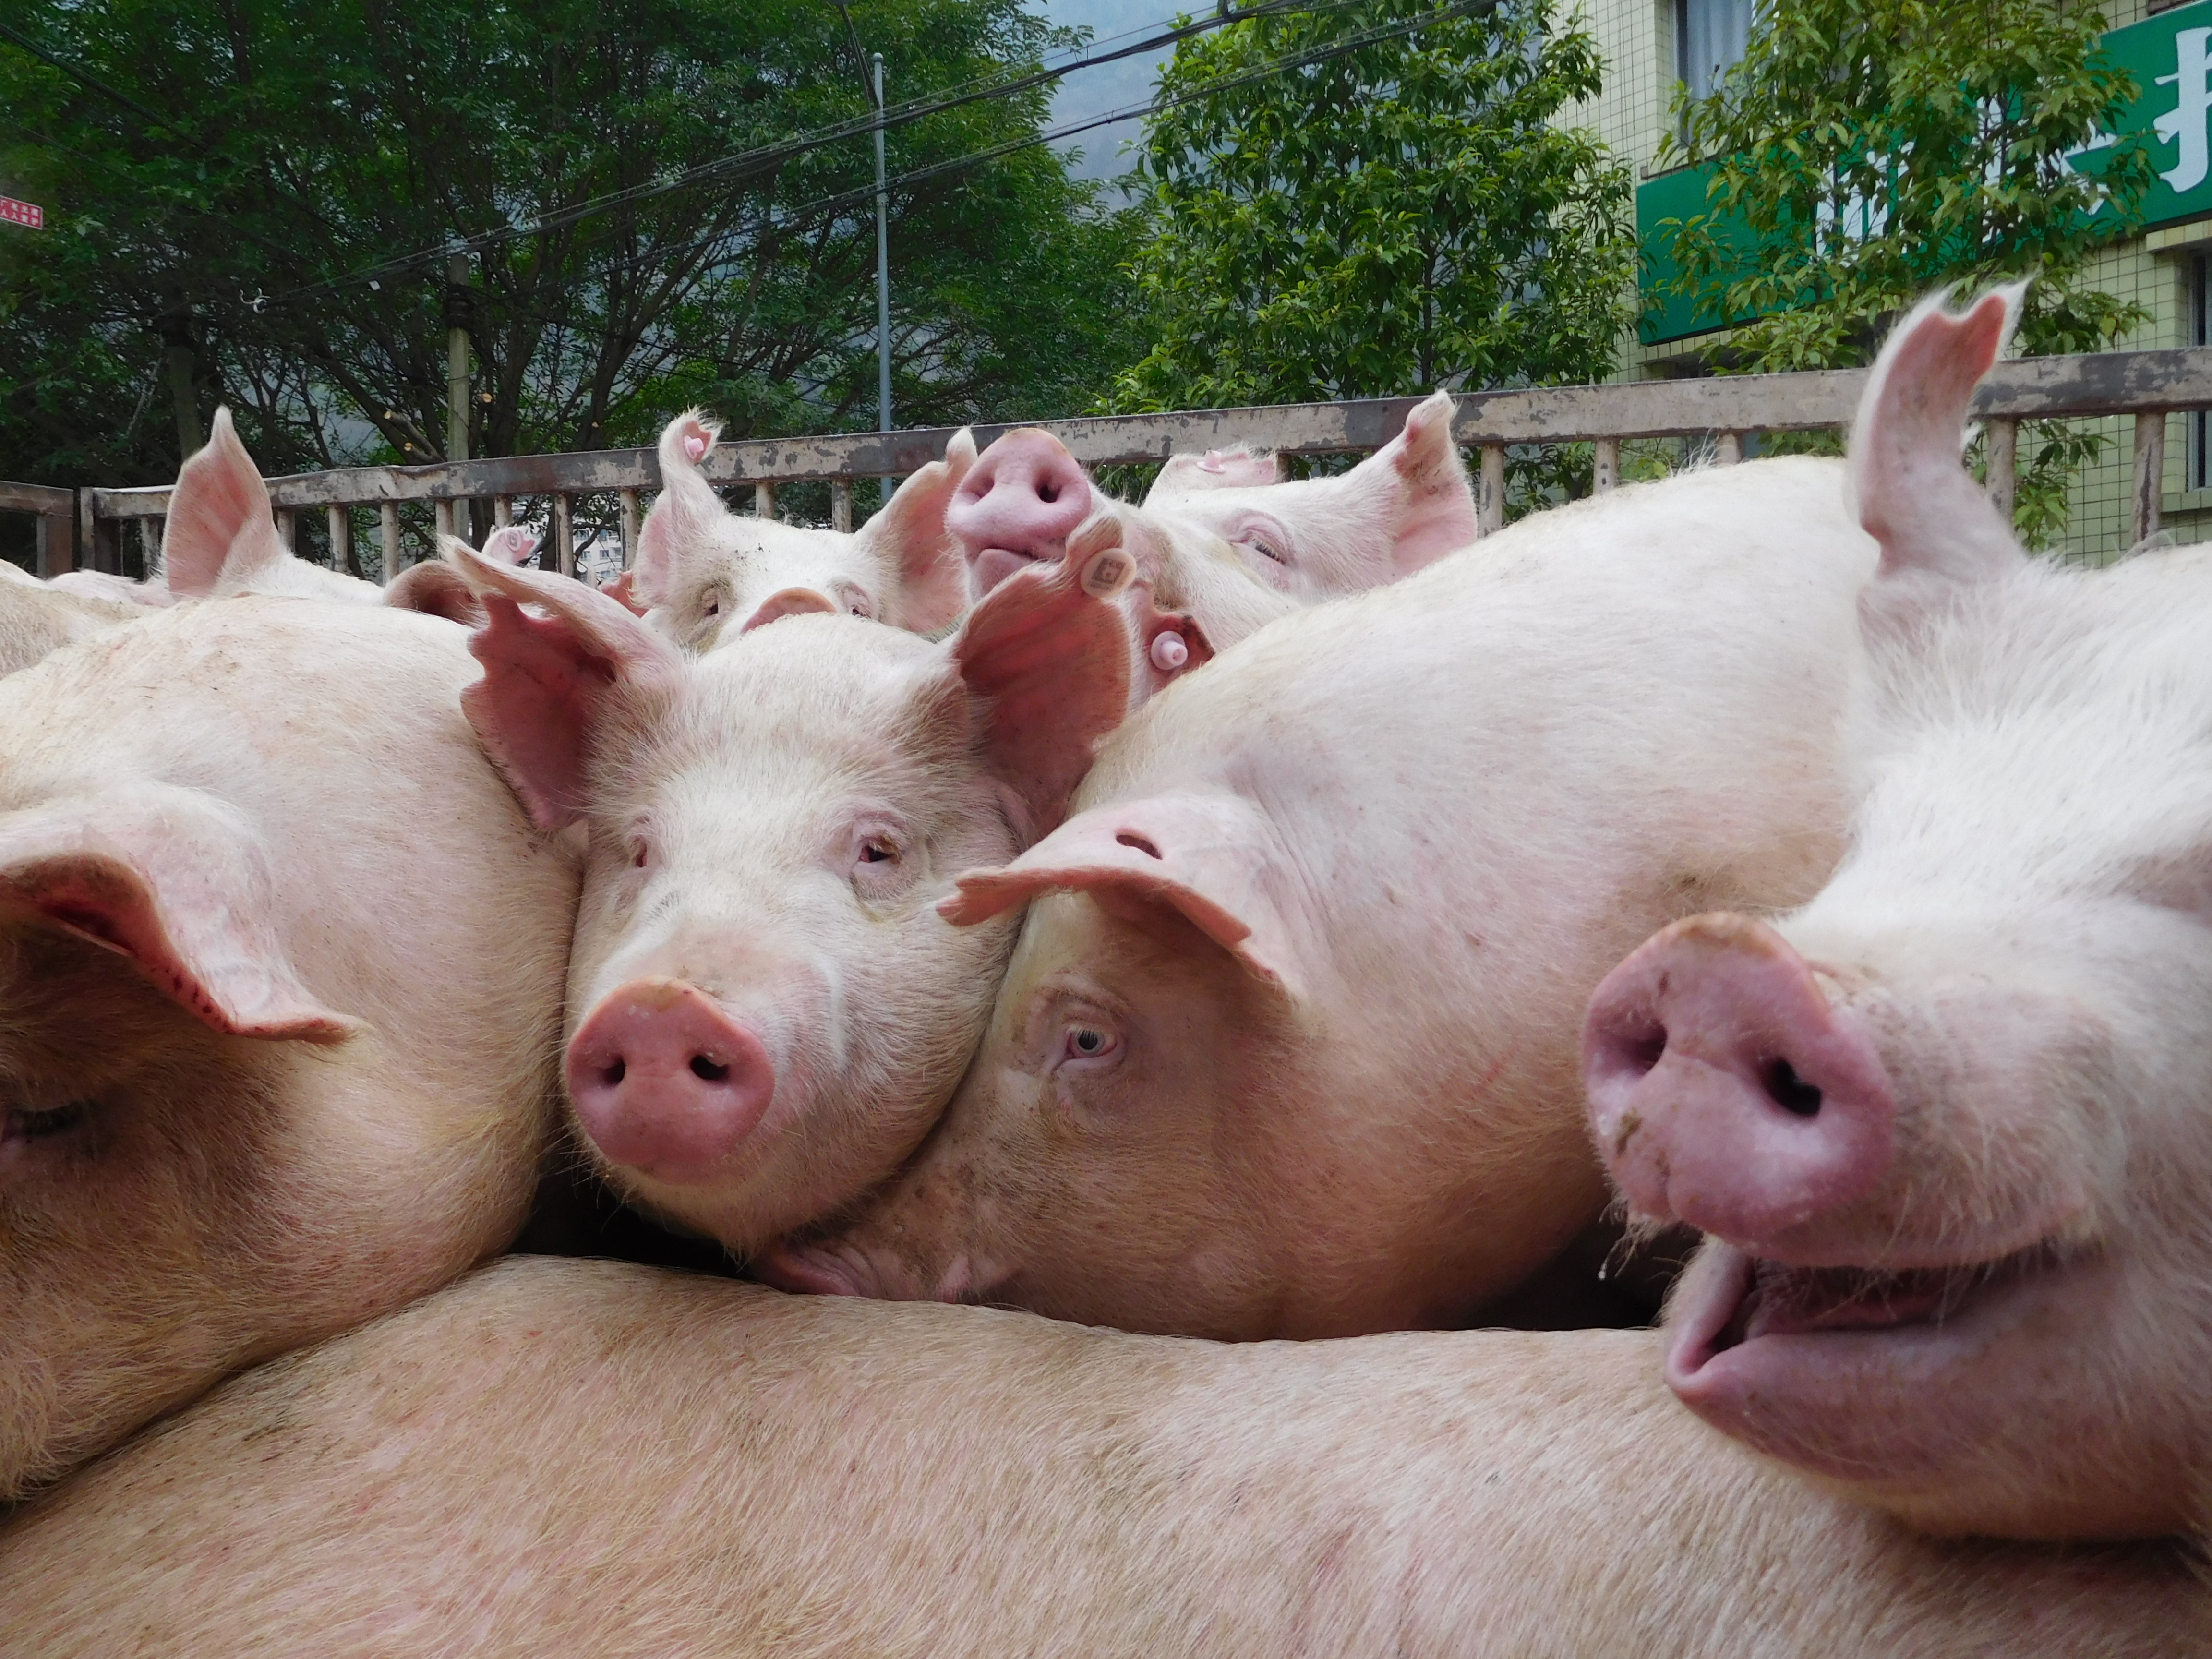 200 millió disznó eshet áldozatul a kínai sertéspestis-járványnak